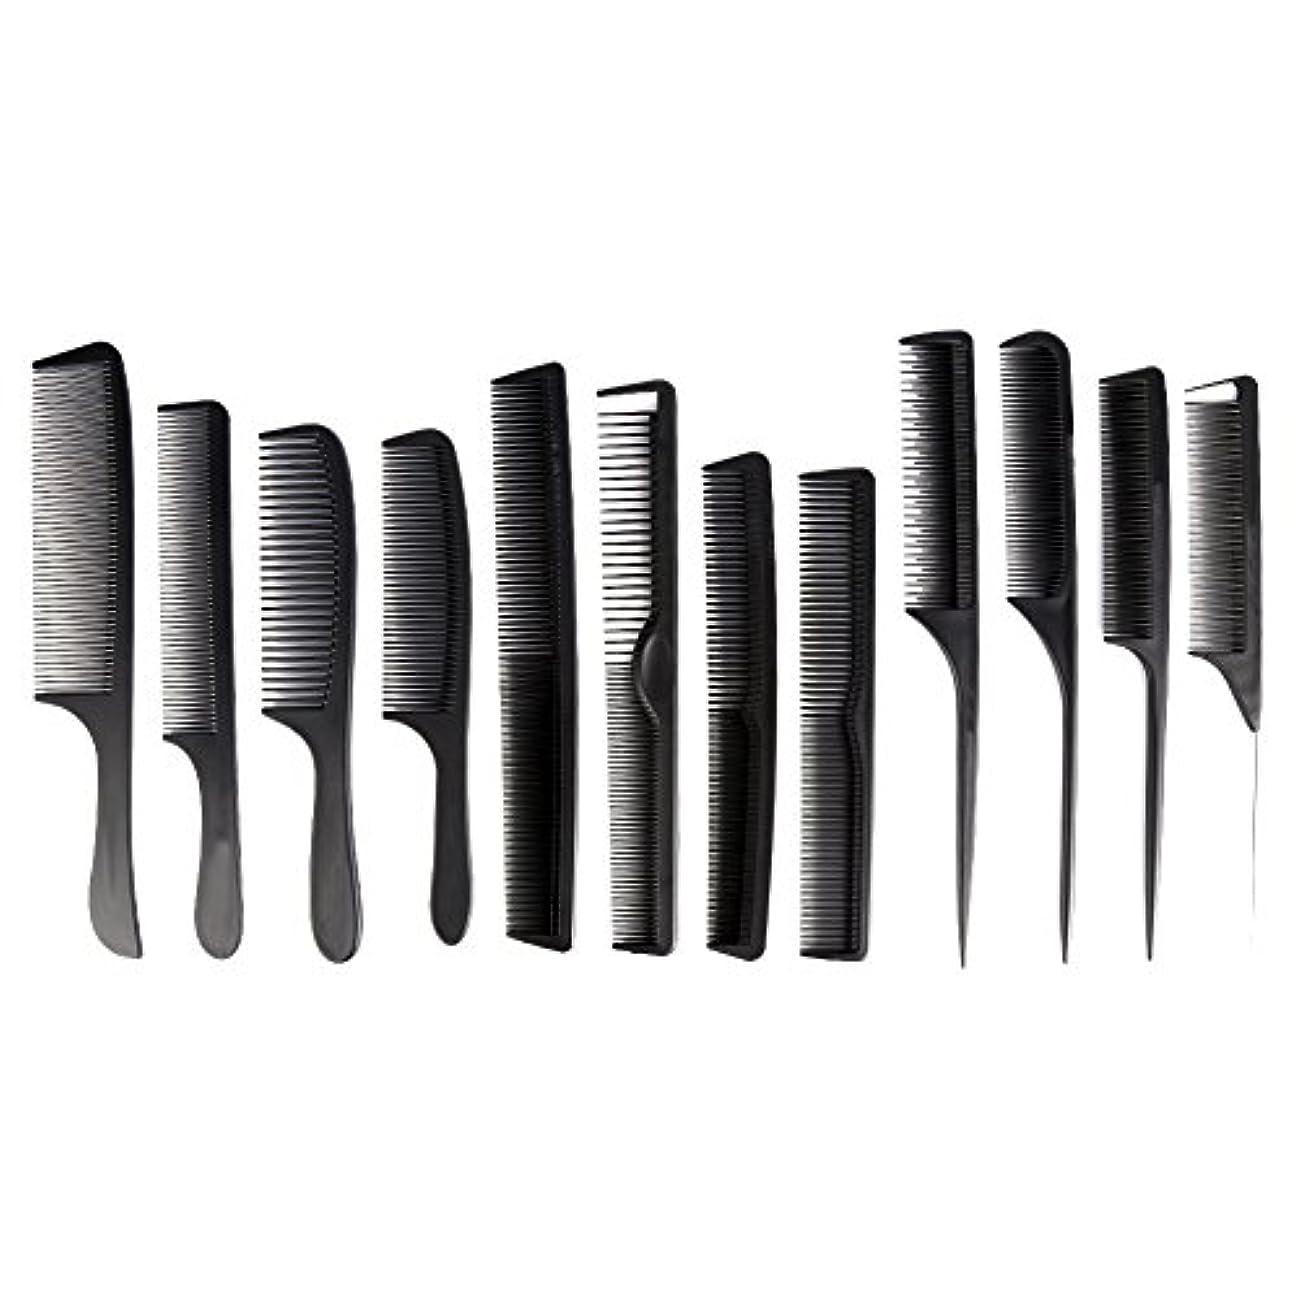 マイナーレーダー助言するカットコーム 散髪用コーム コームセット12点セット プロ用ヘアコーム  静電気減少 軽量 サロン/美容室/床屋など適用